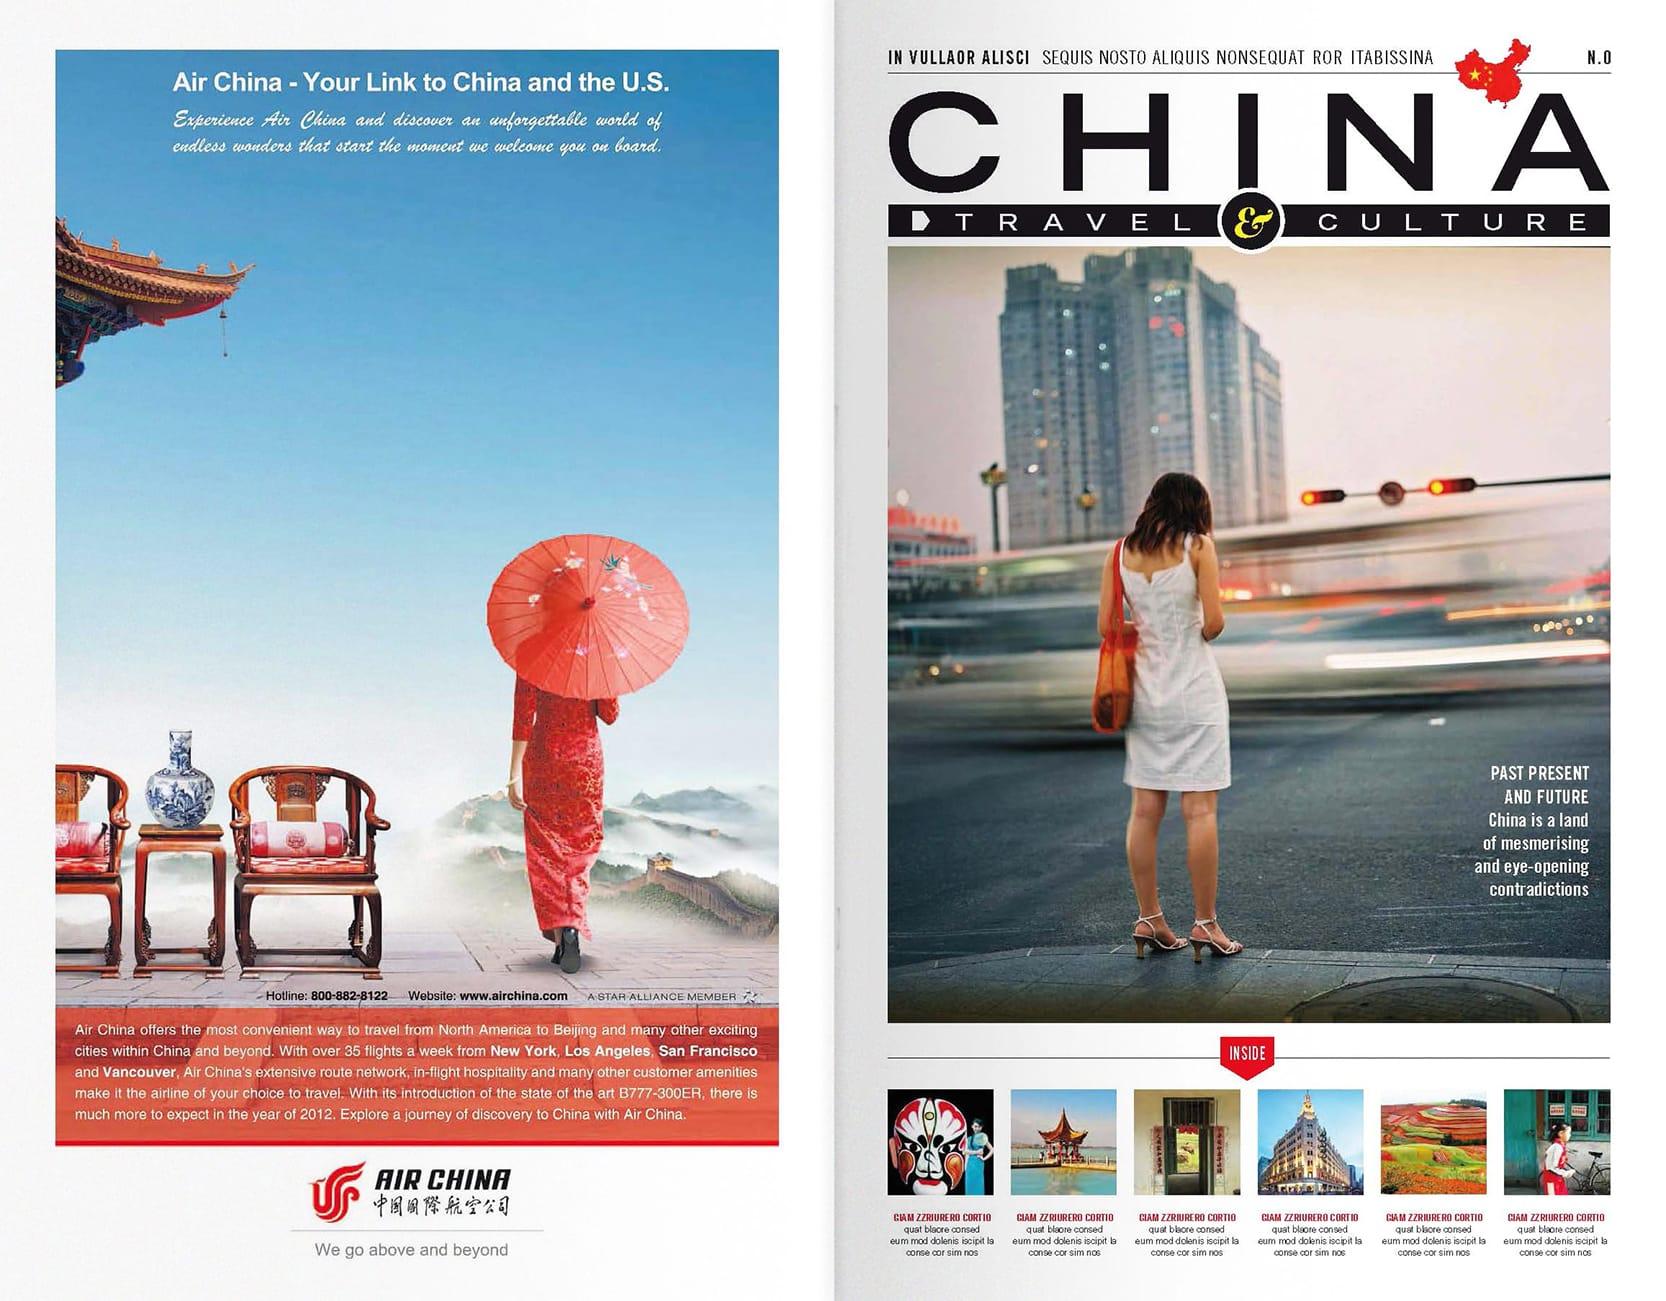 CHINA_T&C01